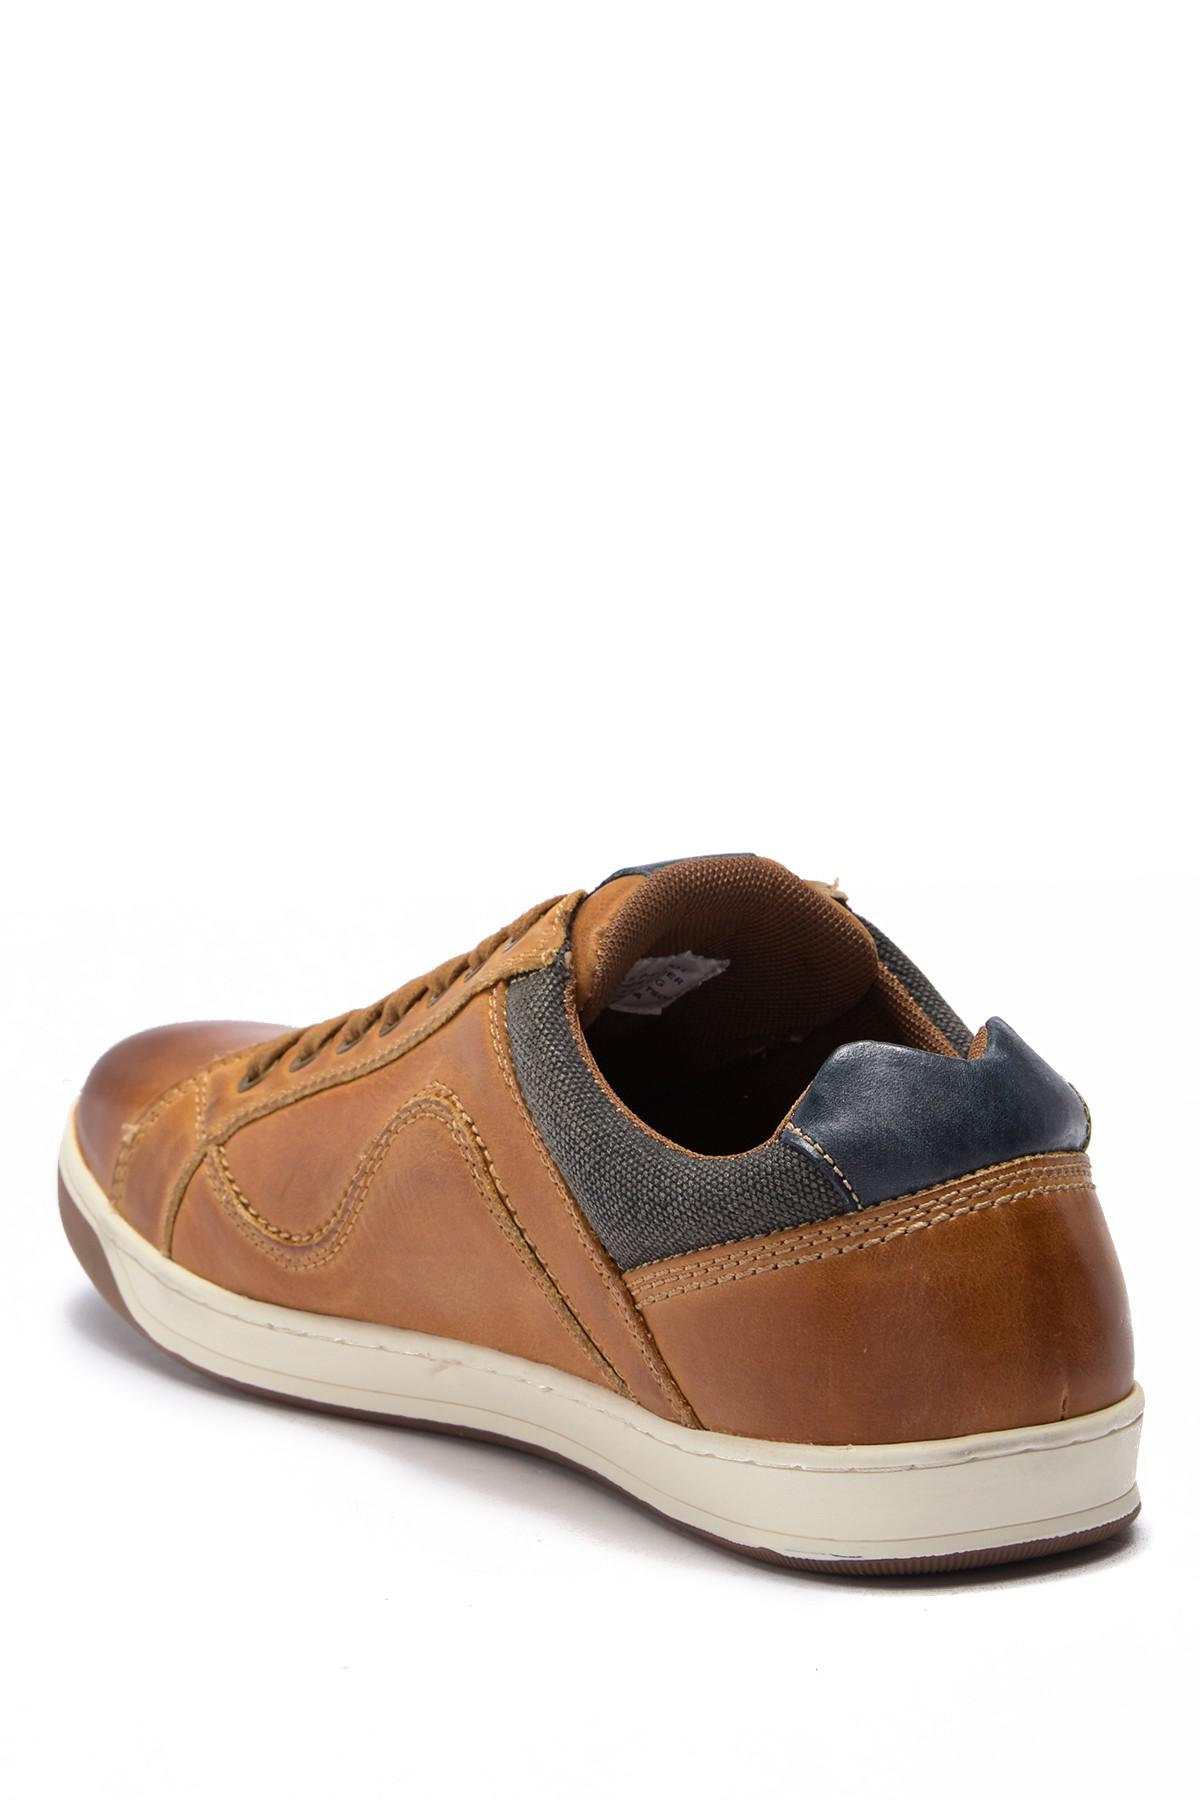 ac6b2f6b221 Lyst - Steve Madden Chater Sneaker in Brown for Men